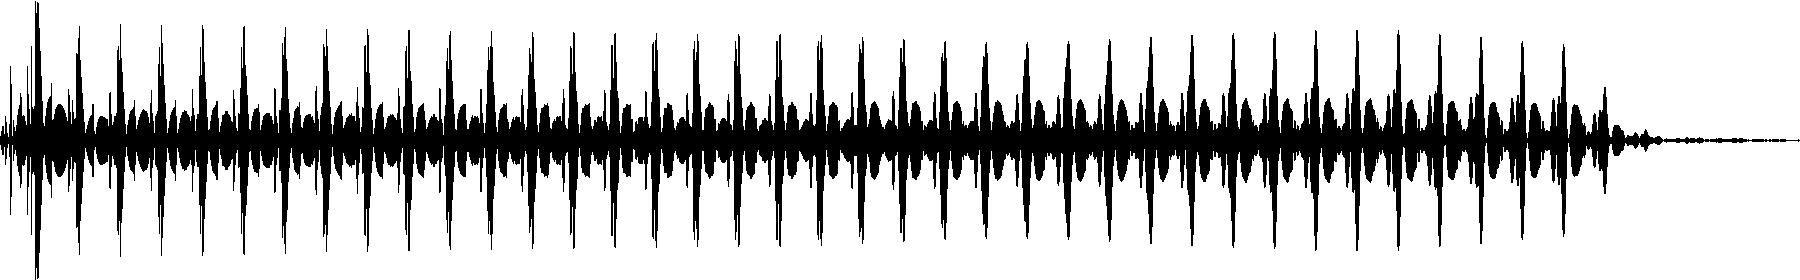 vedh bass cut 070 f